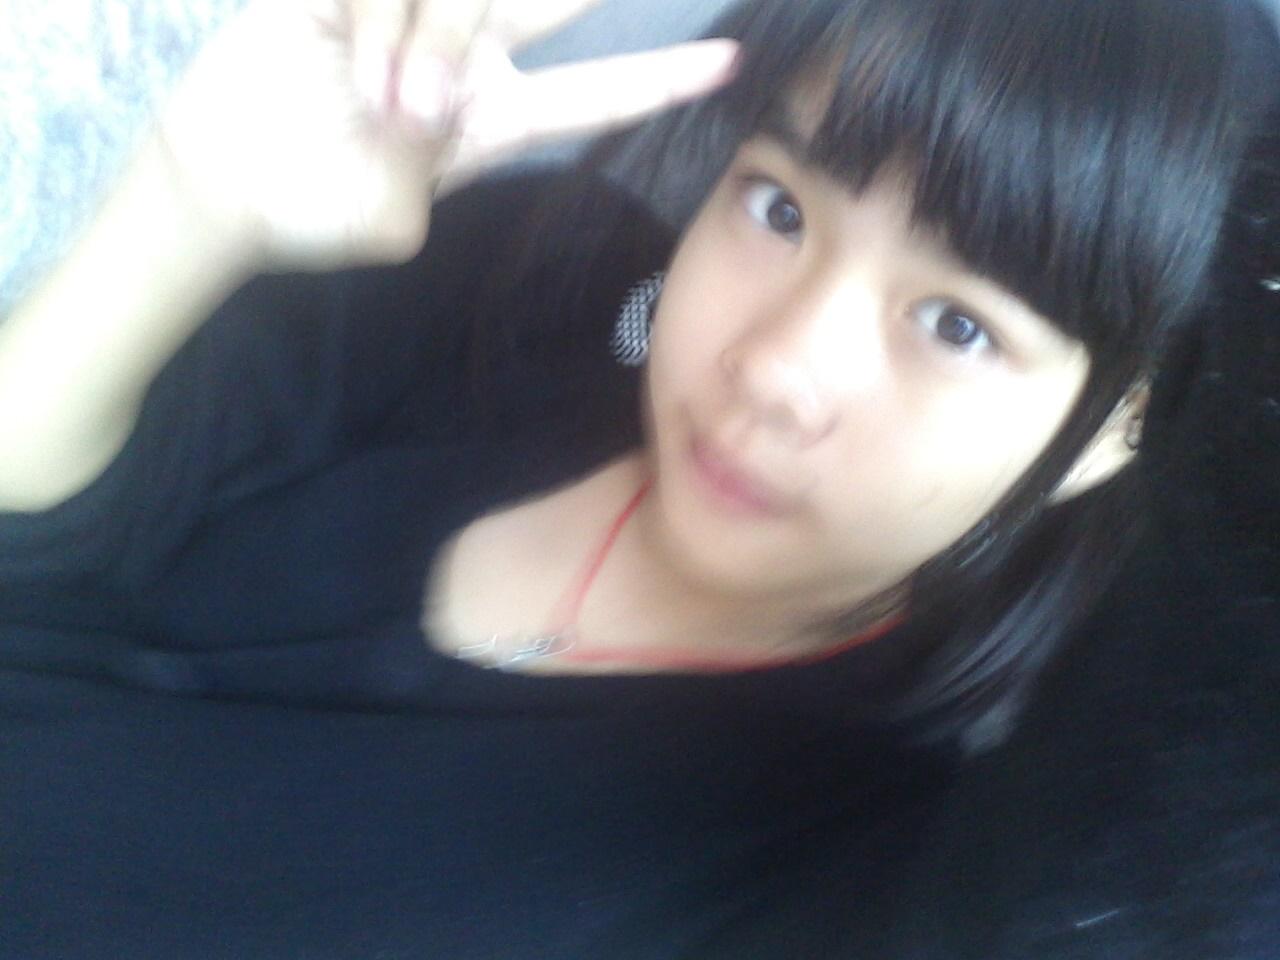 求十张16岁的女生的照片